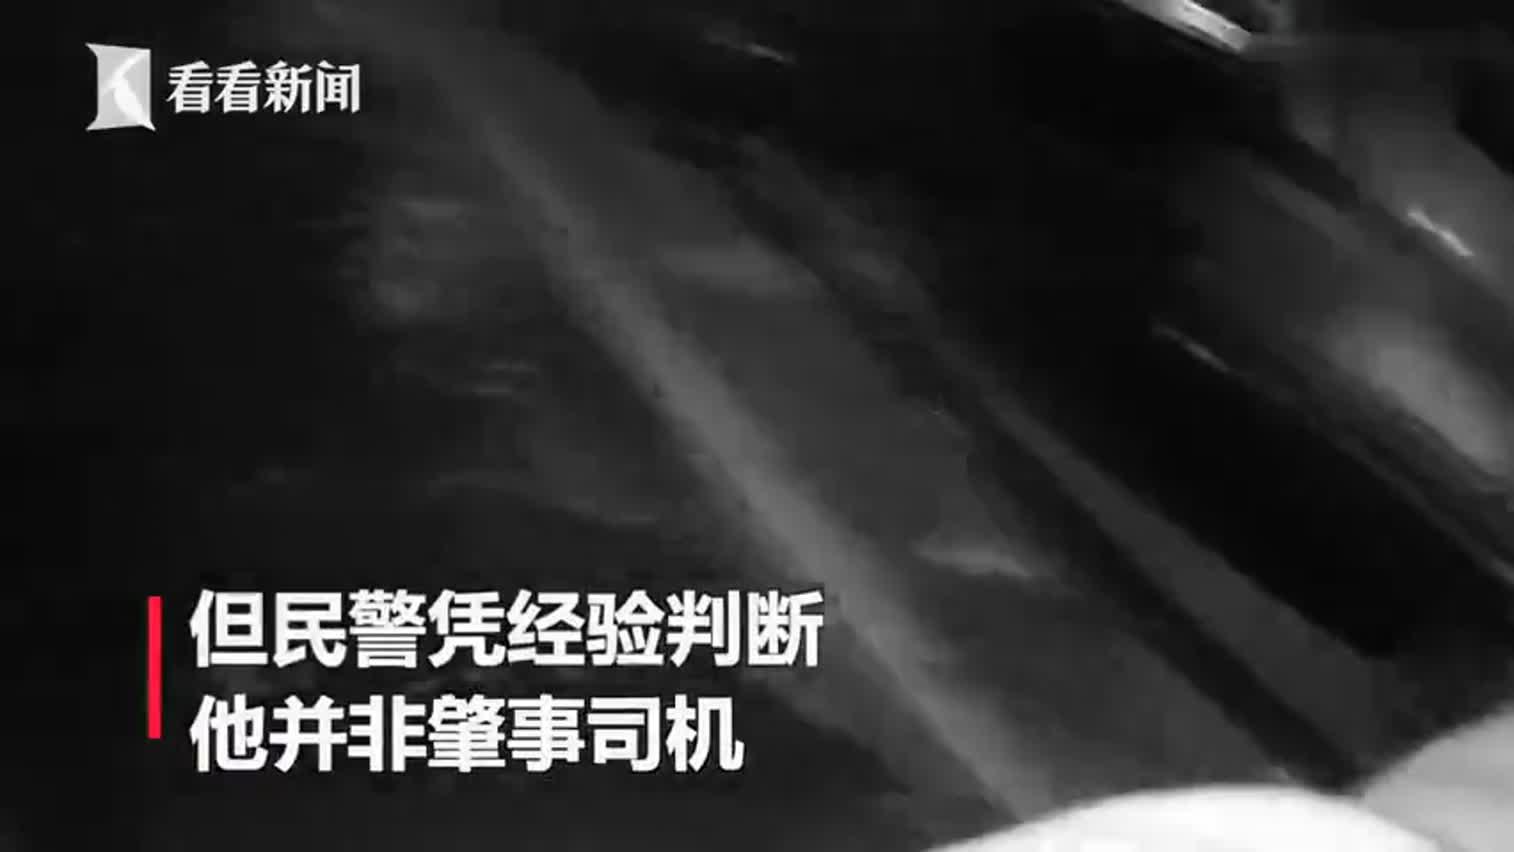 视频-疫情期间男子聚餐醉驾连撞5辆车 还让堂弟来